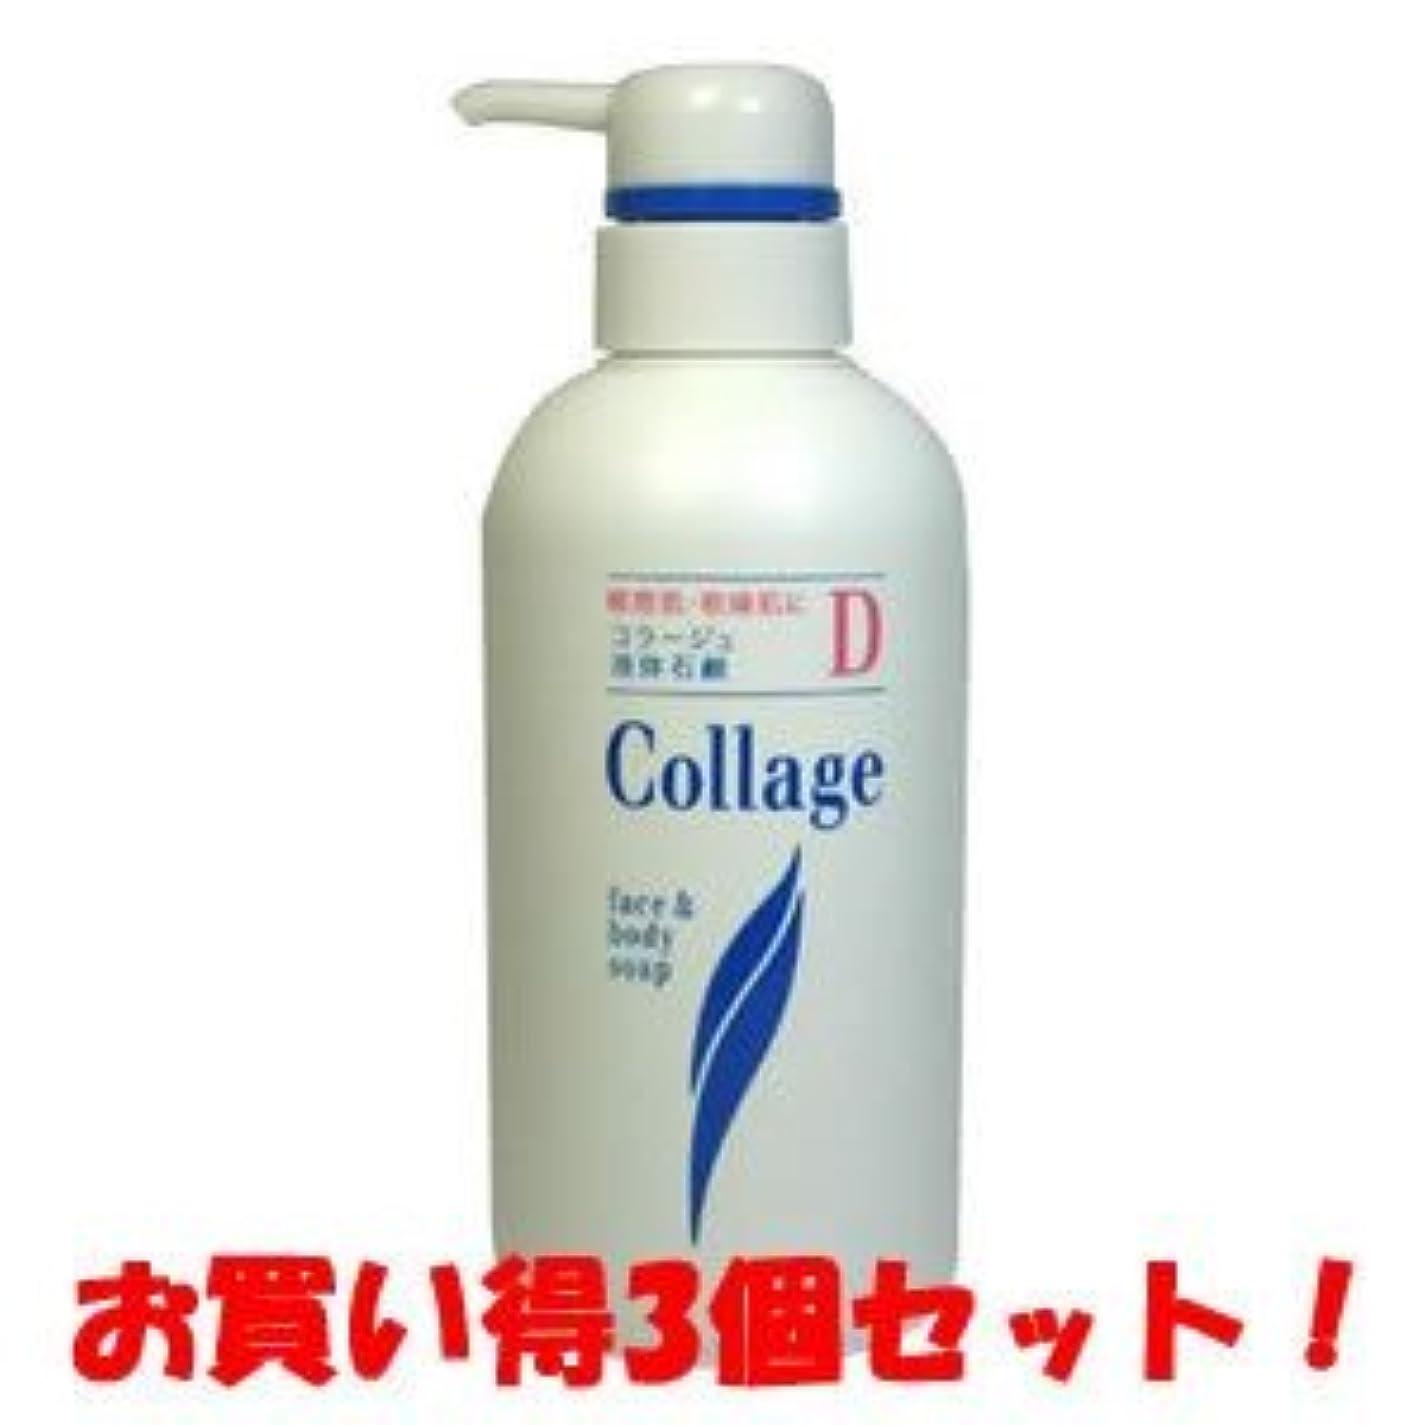 戻す放つブロンズ(持田ヘルスケア)コラージュD 液体石鹸 敏感肌?乾燥肌 400ml(お買い得3個セット)